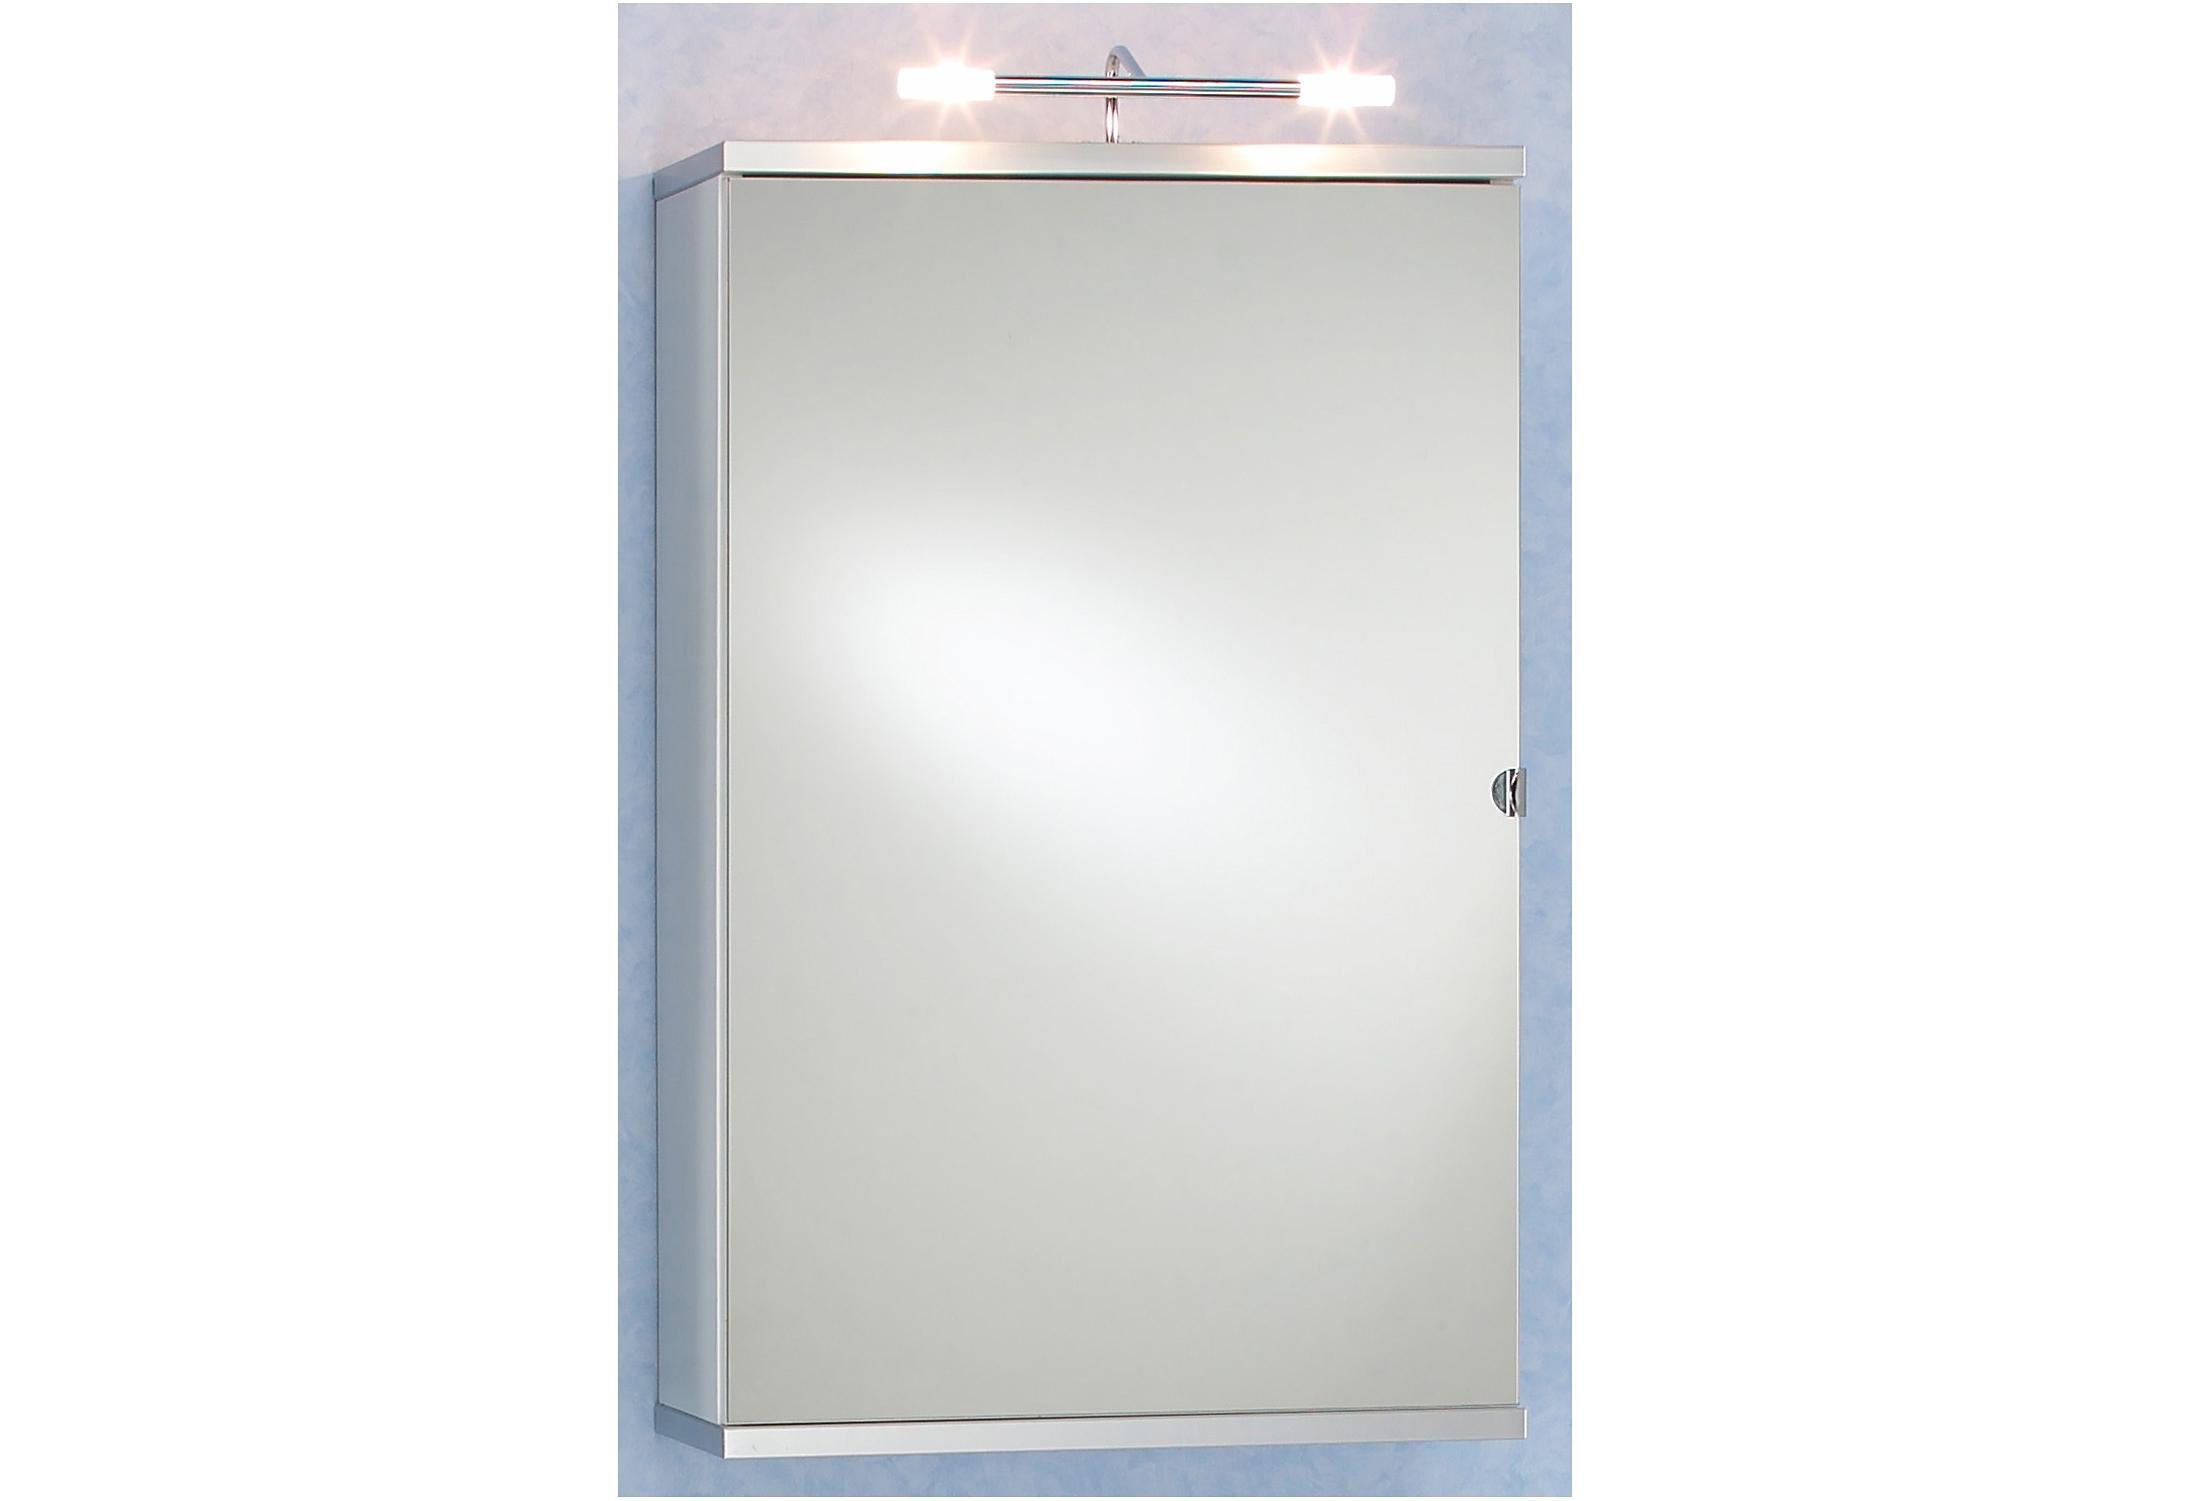 Kesper spiegelkast »Linde« met verlichting bestellen bij   OTTO